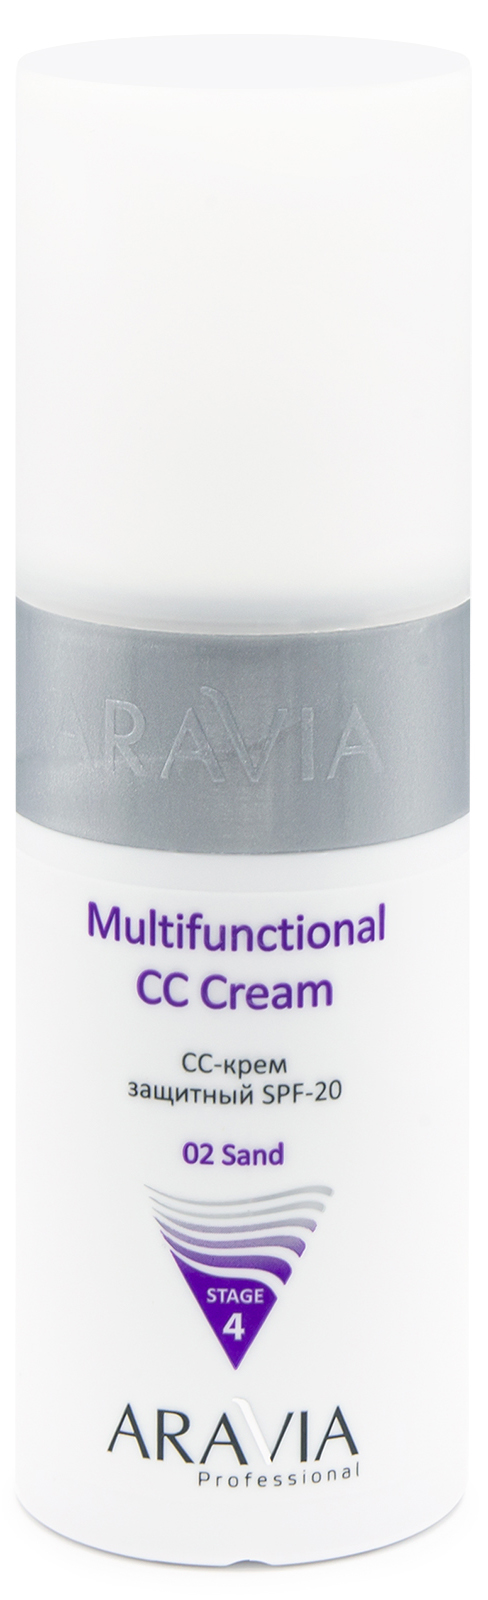 Купить Aravia Professional CC-крем защитный SPF20 Multifunctional CC Cream send 02, 150 мл (Aravia Professional, Уход за лицом), Россия